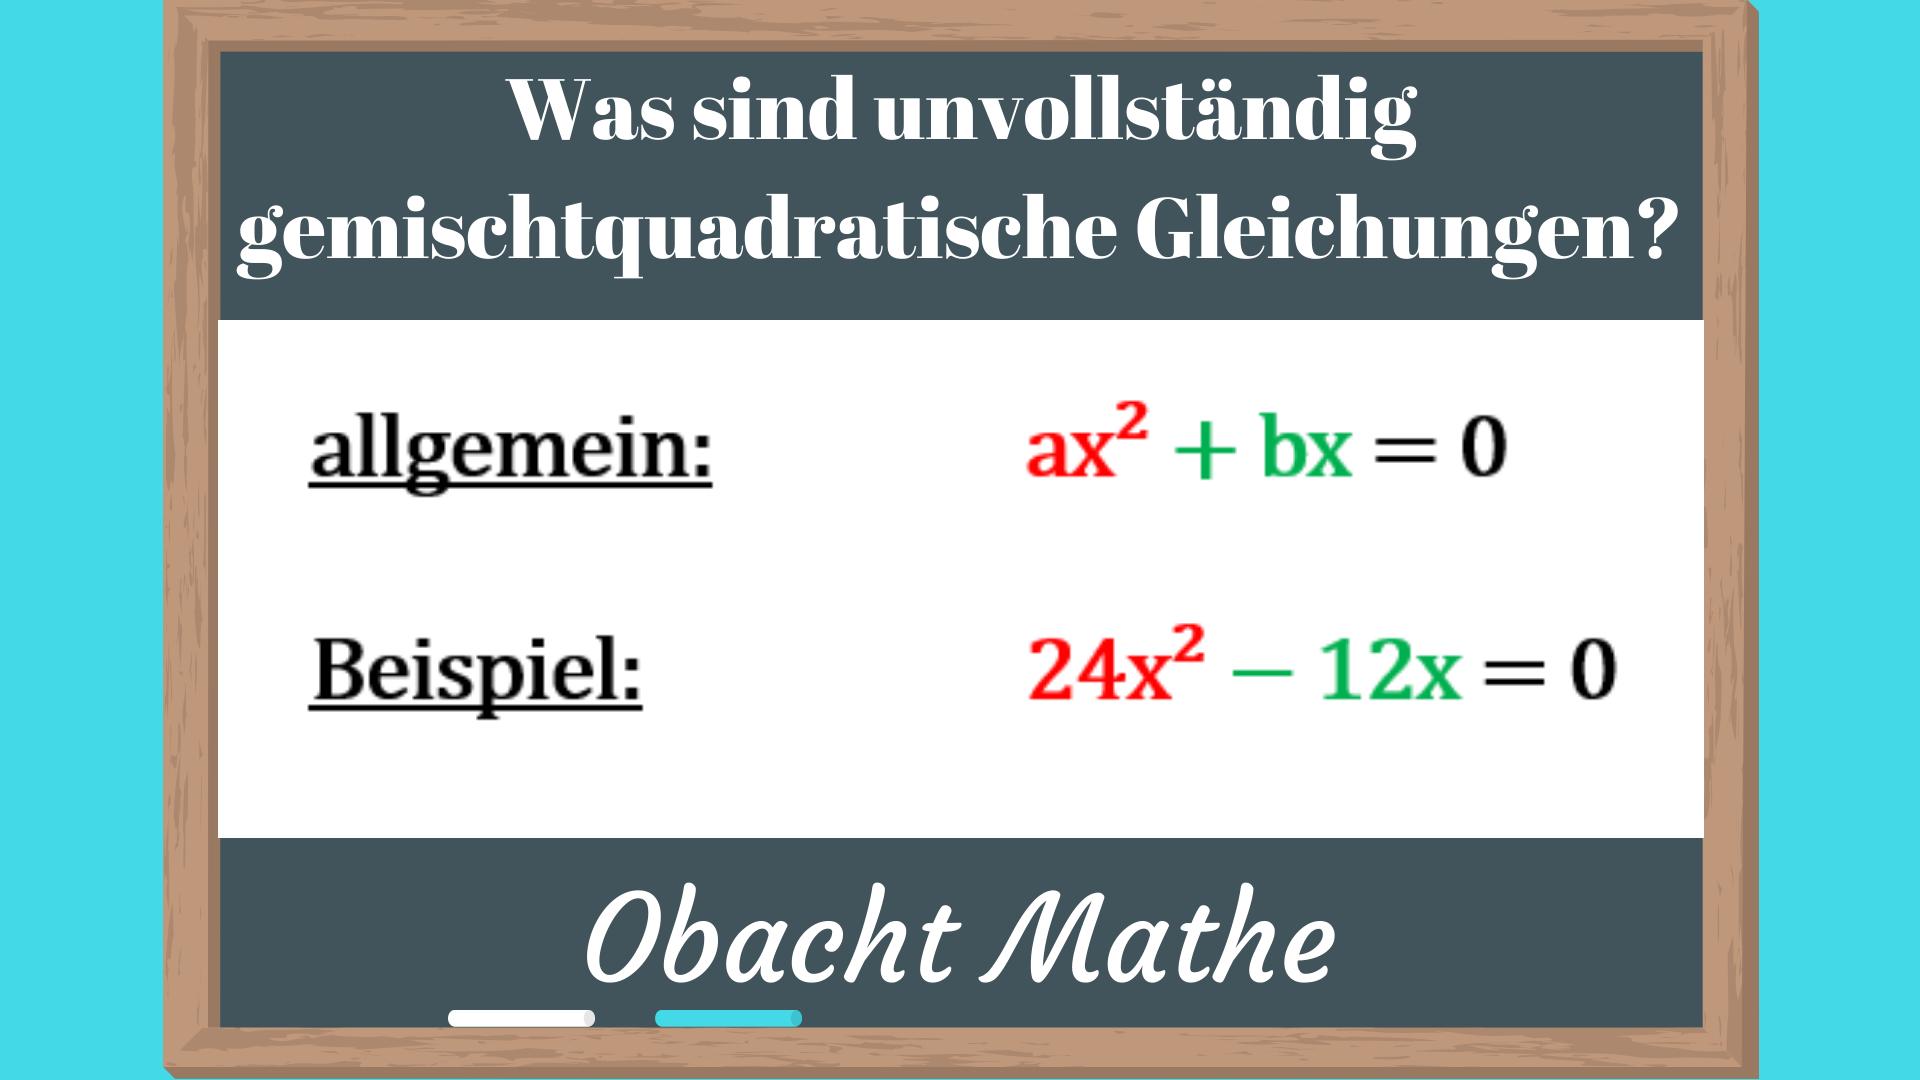 Unvollstandig Gemischtquadratische Gleichungen Gleichungen Gleichungen Losen Abc Formel